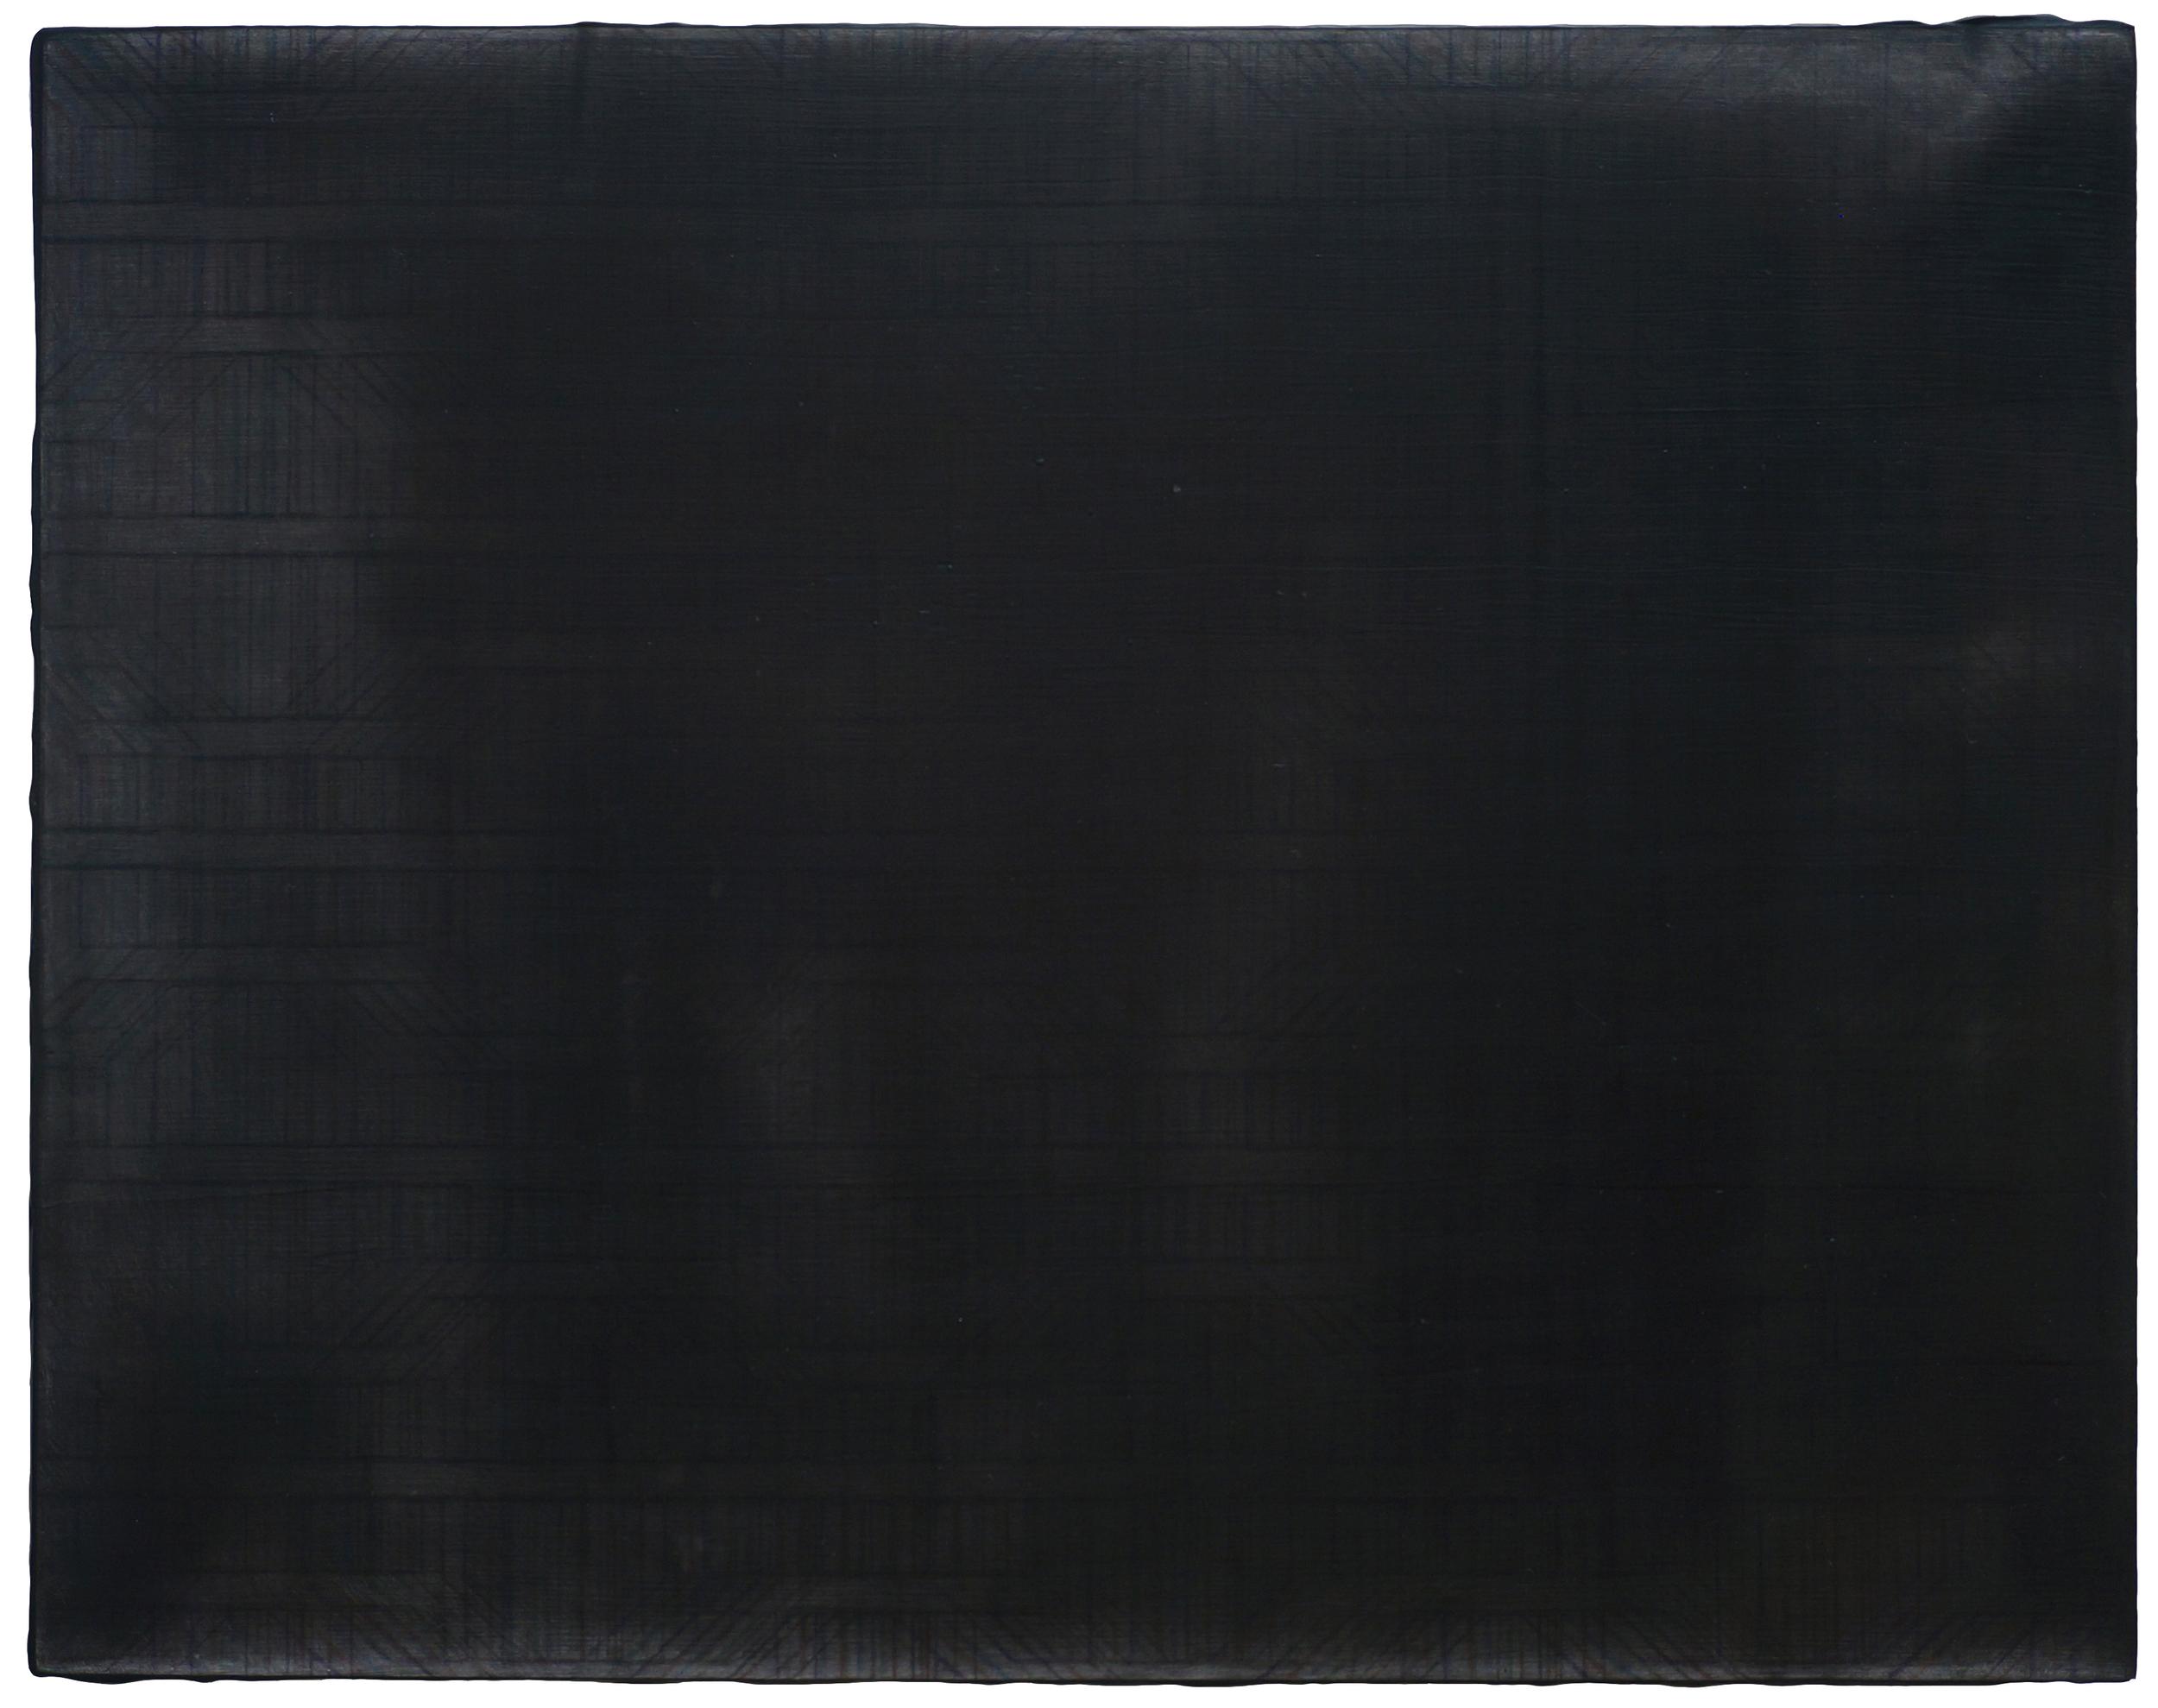 Black - 15